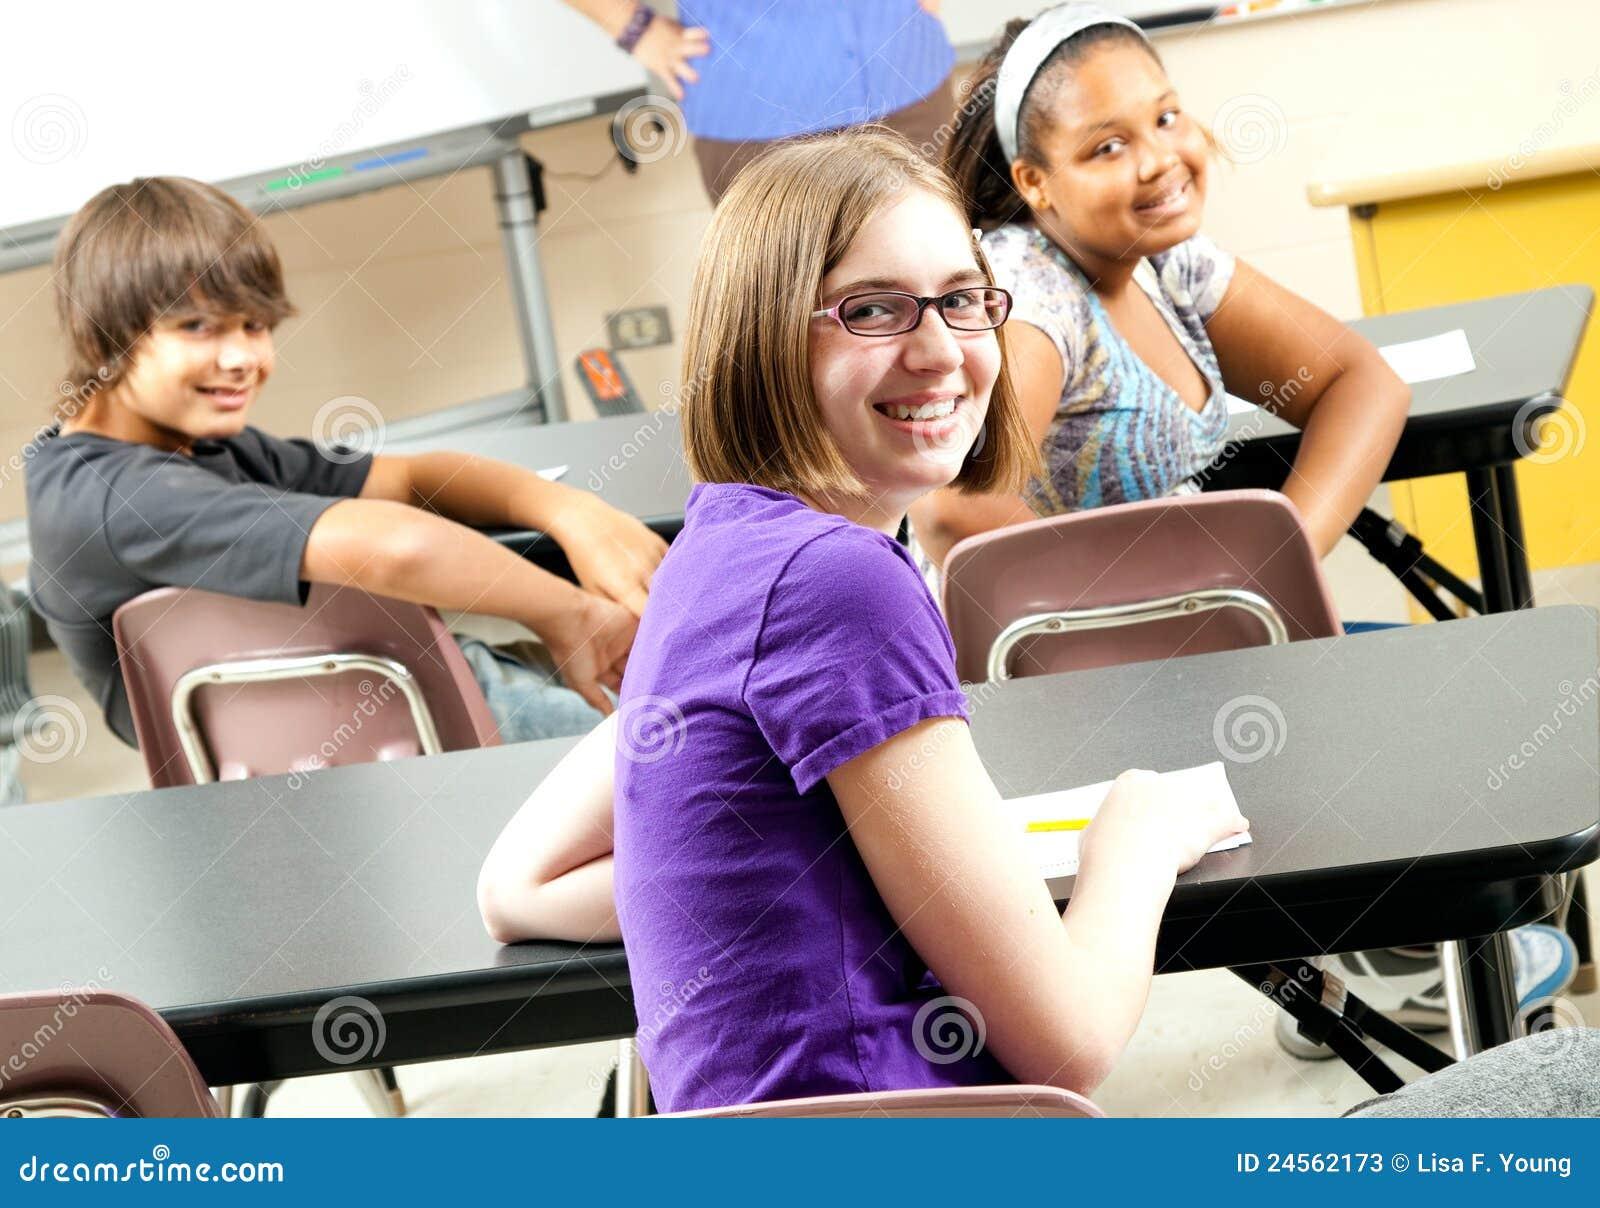 Stock Photo Of Happy School Students Stock Photos - Image ...